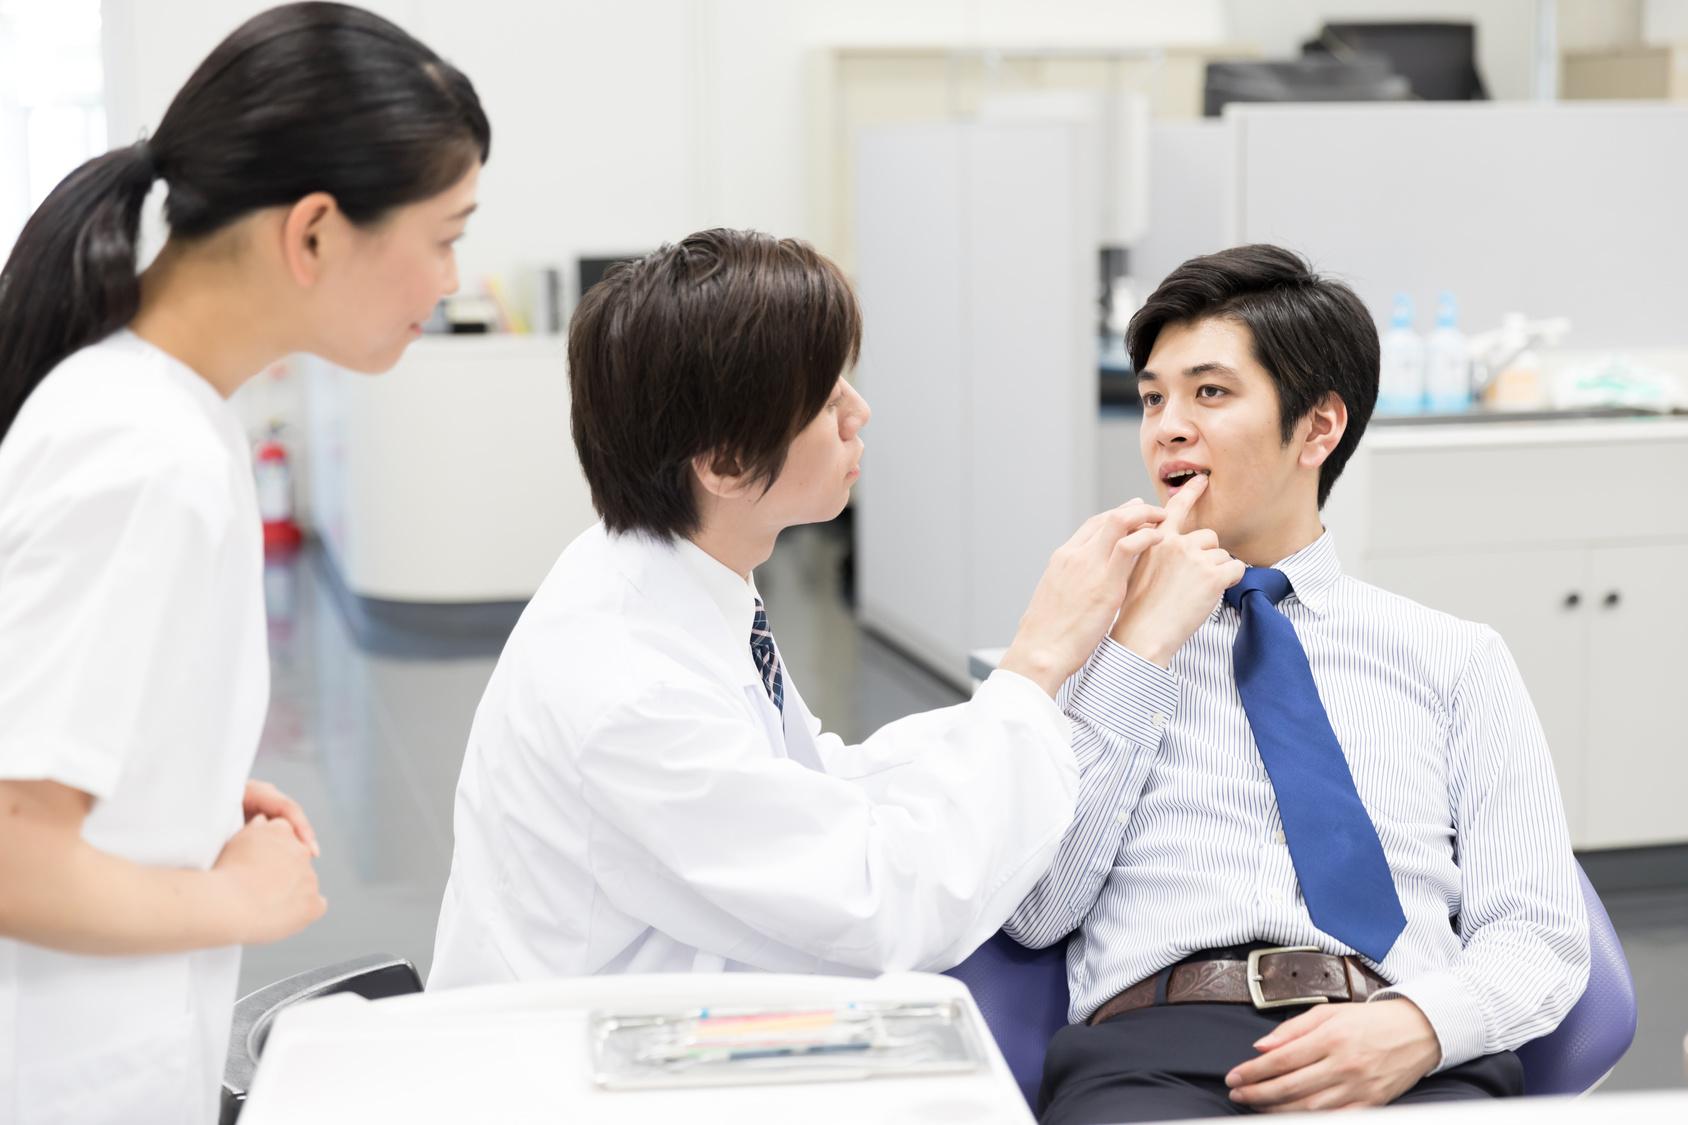 上顎洞炎(じょうがくどうえん)について